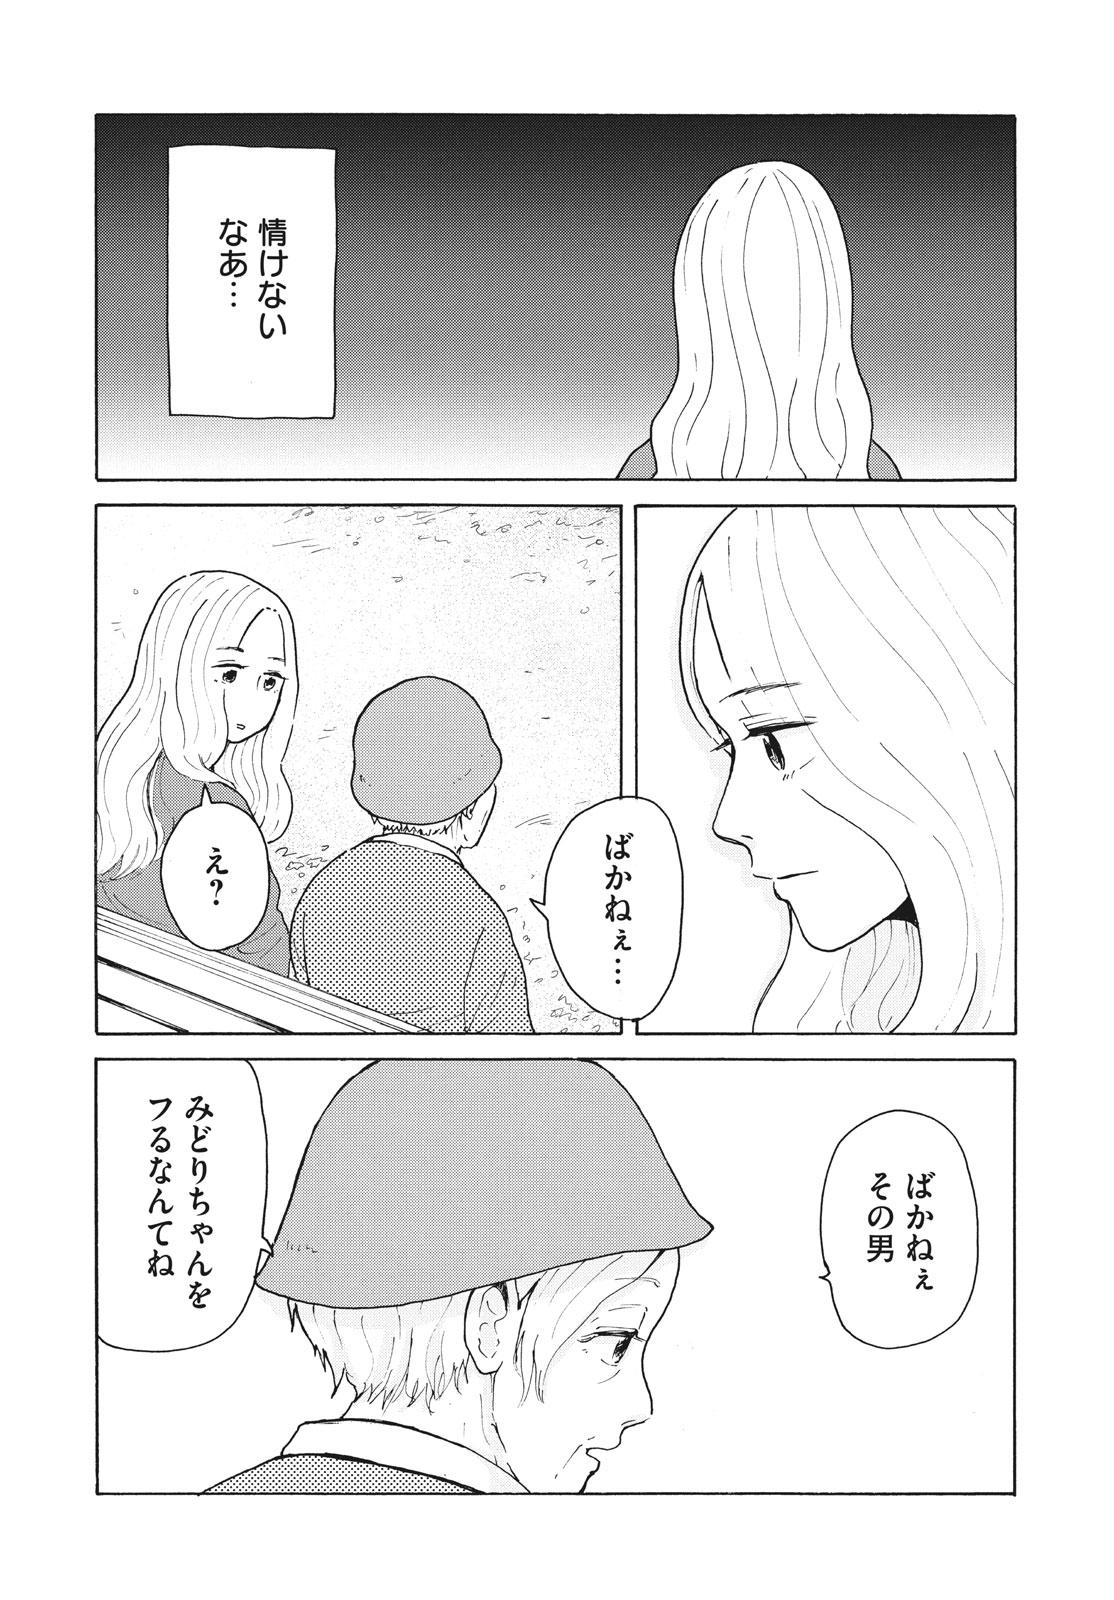 006_30日_2020_010_E.jpg